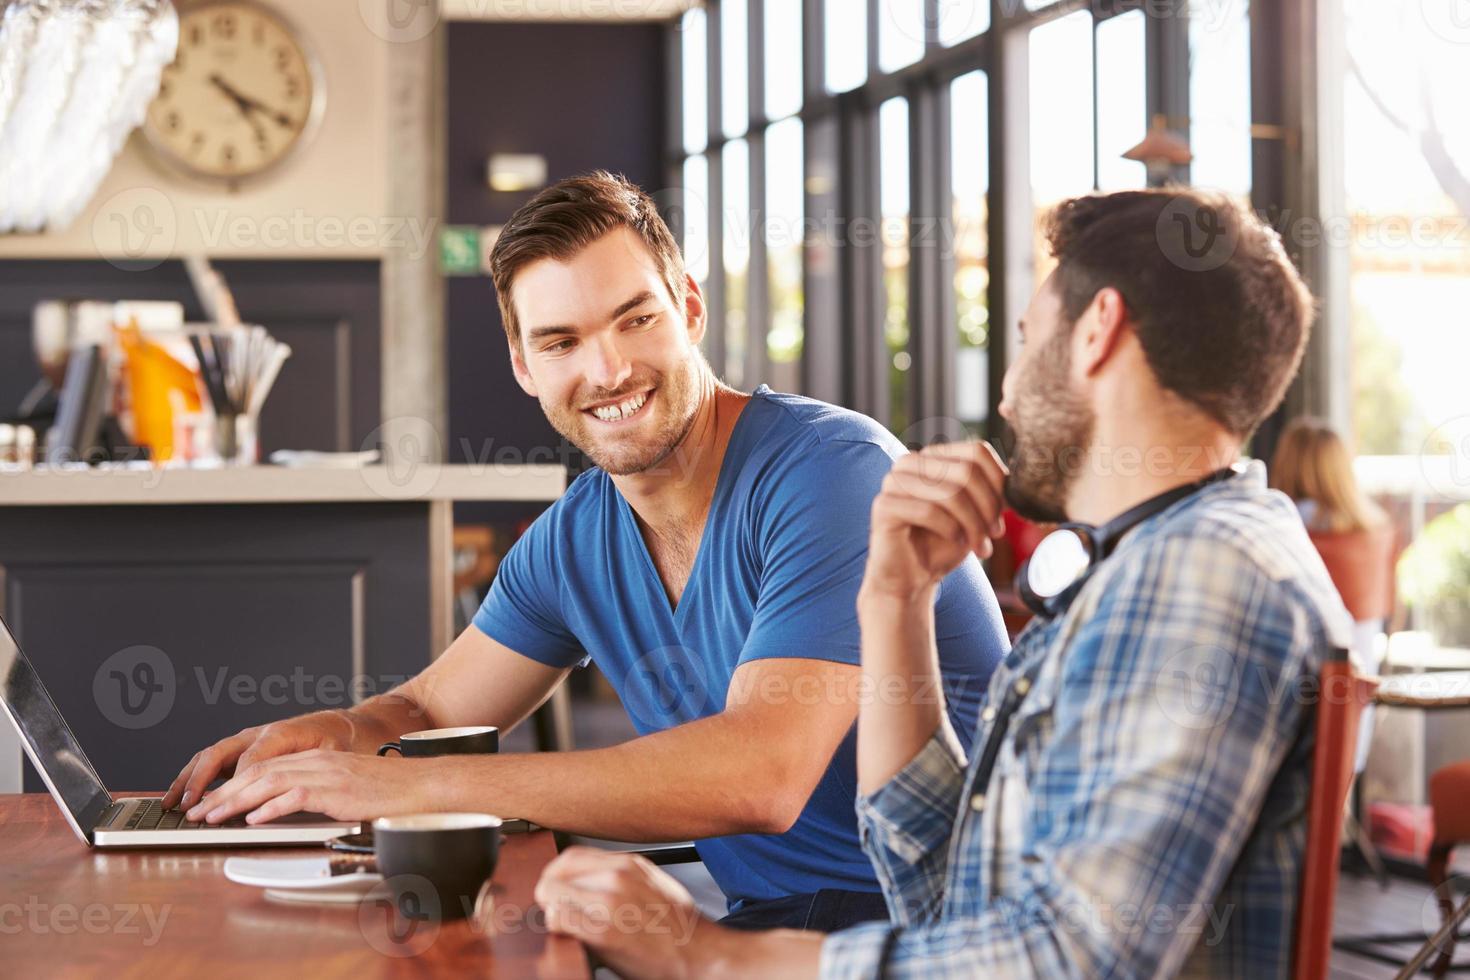 due giovani che lavorano al computer in un bar foto